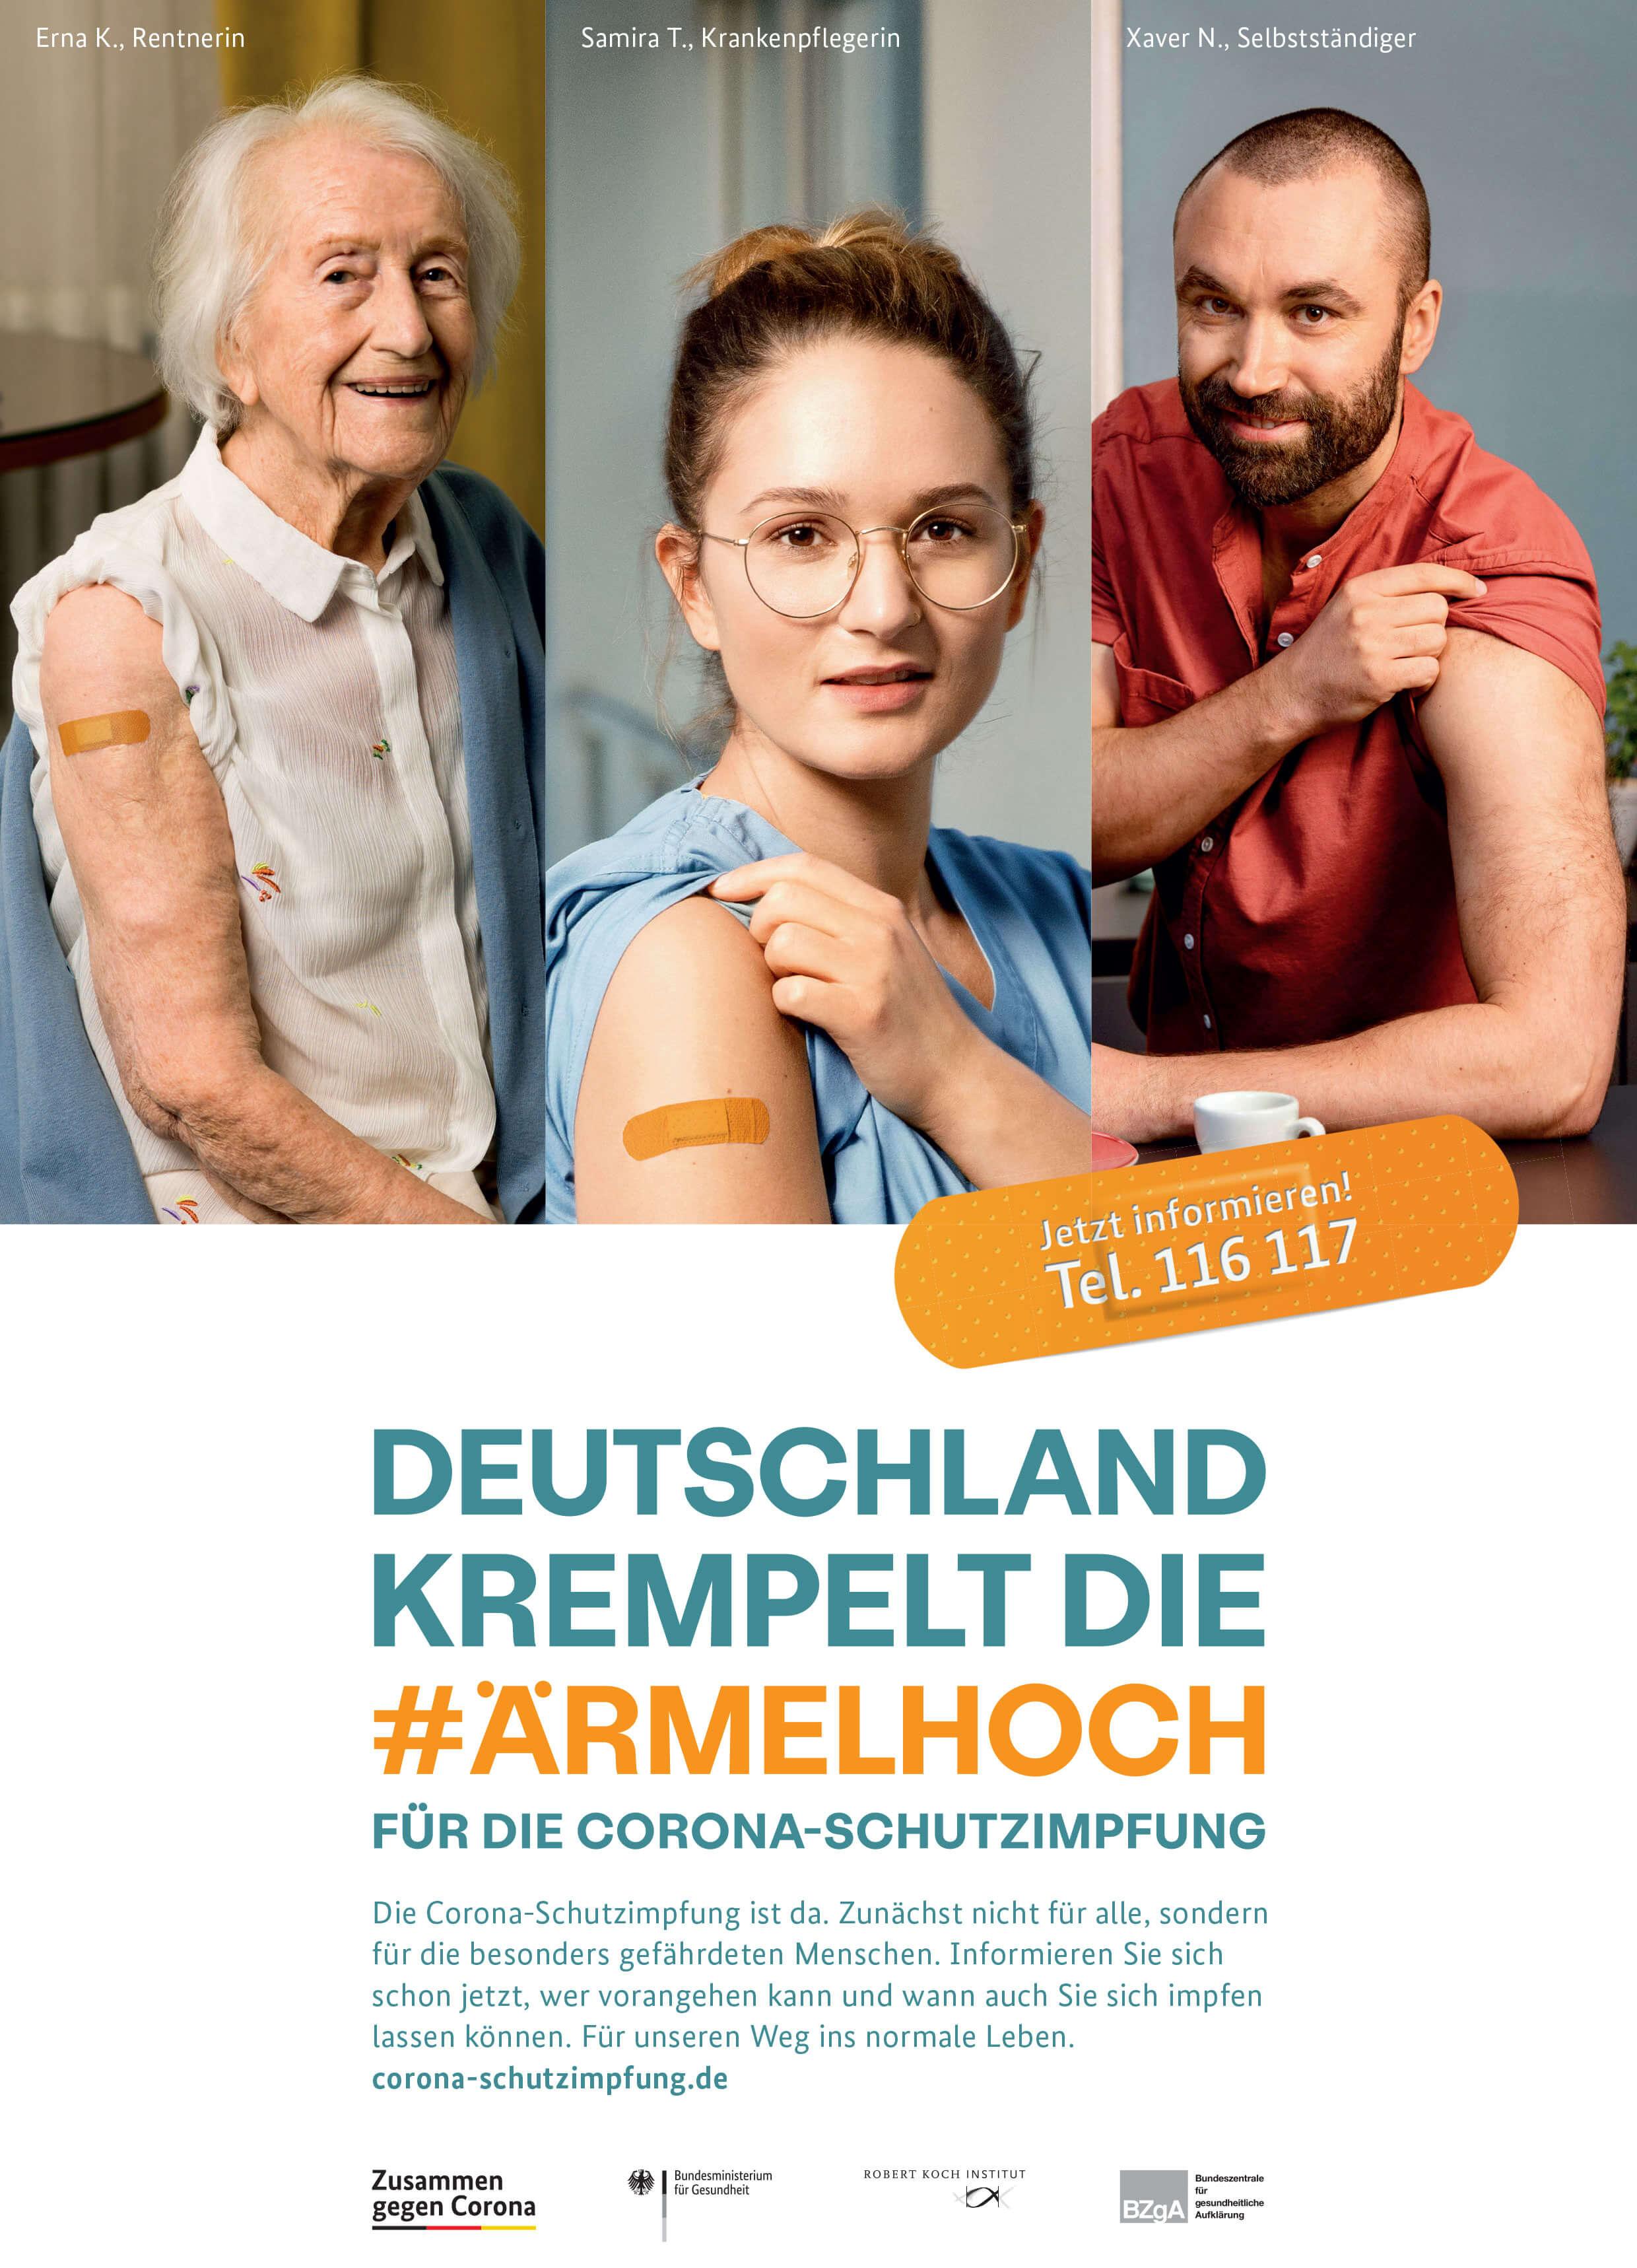 Deutschland krempelt die #Ärmelhoch